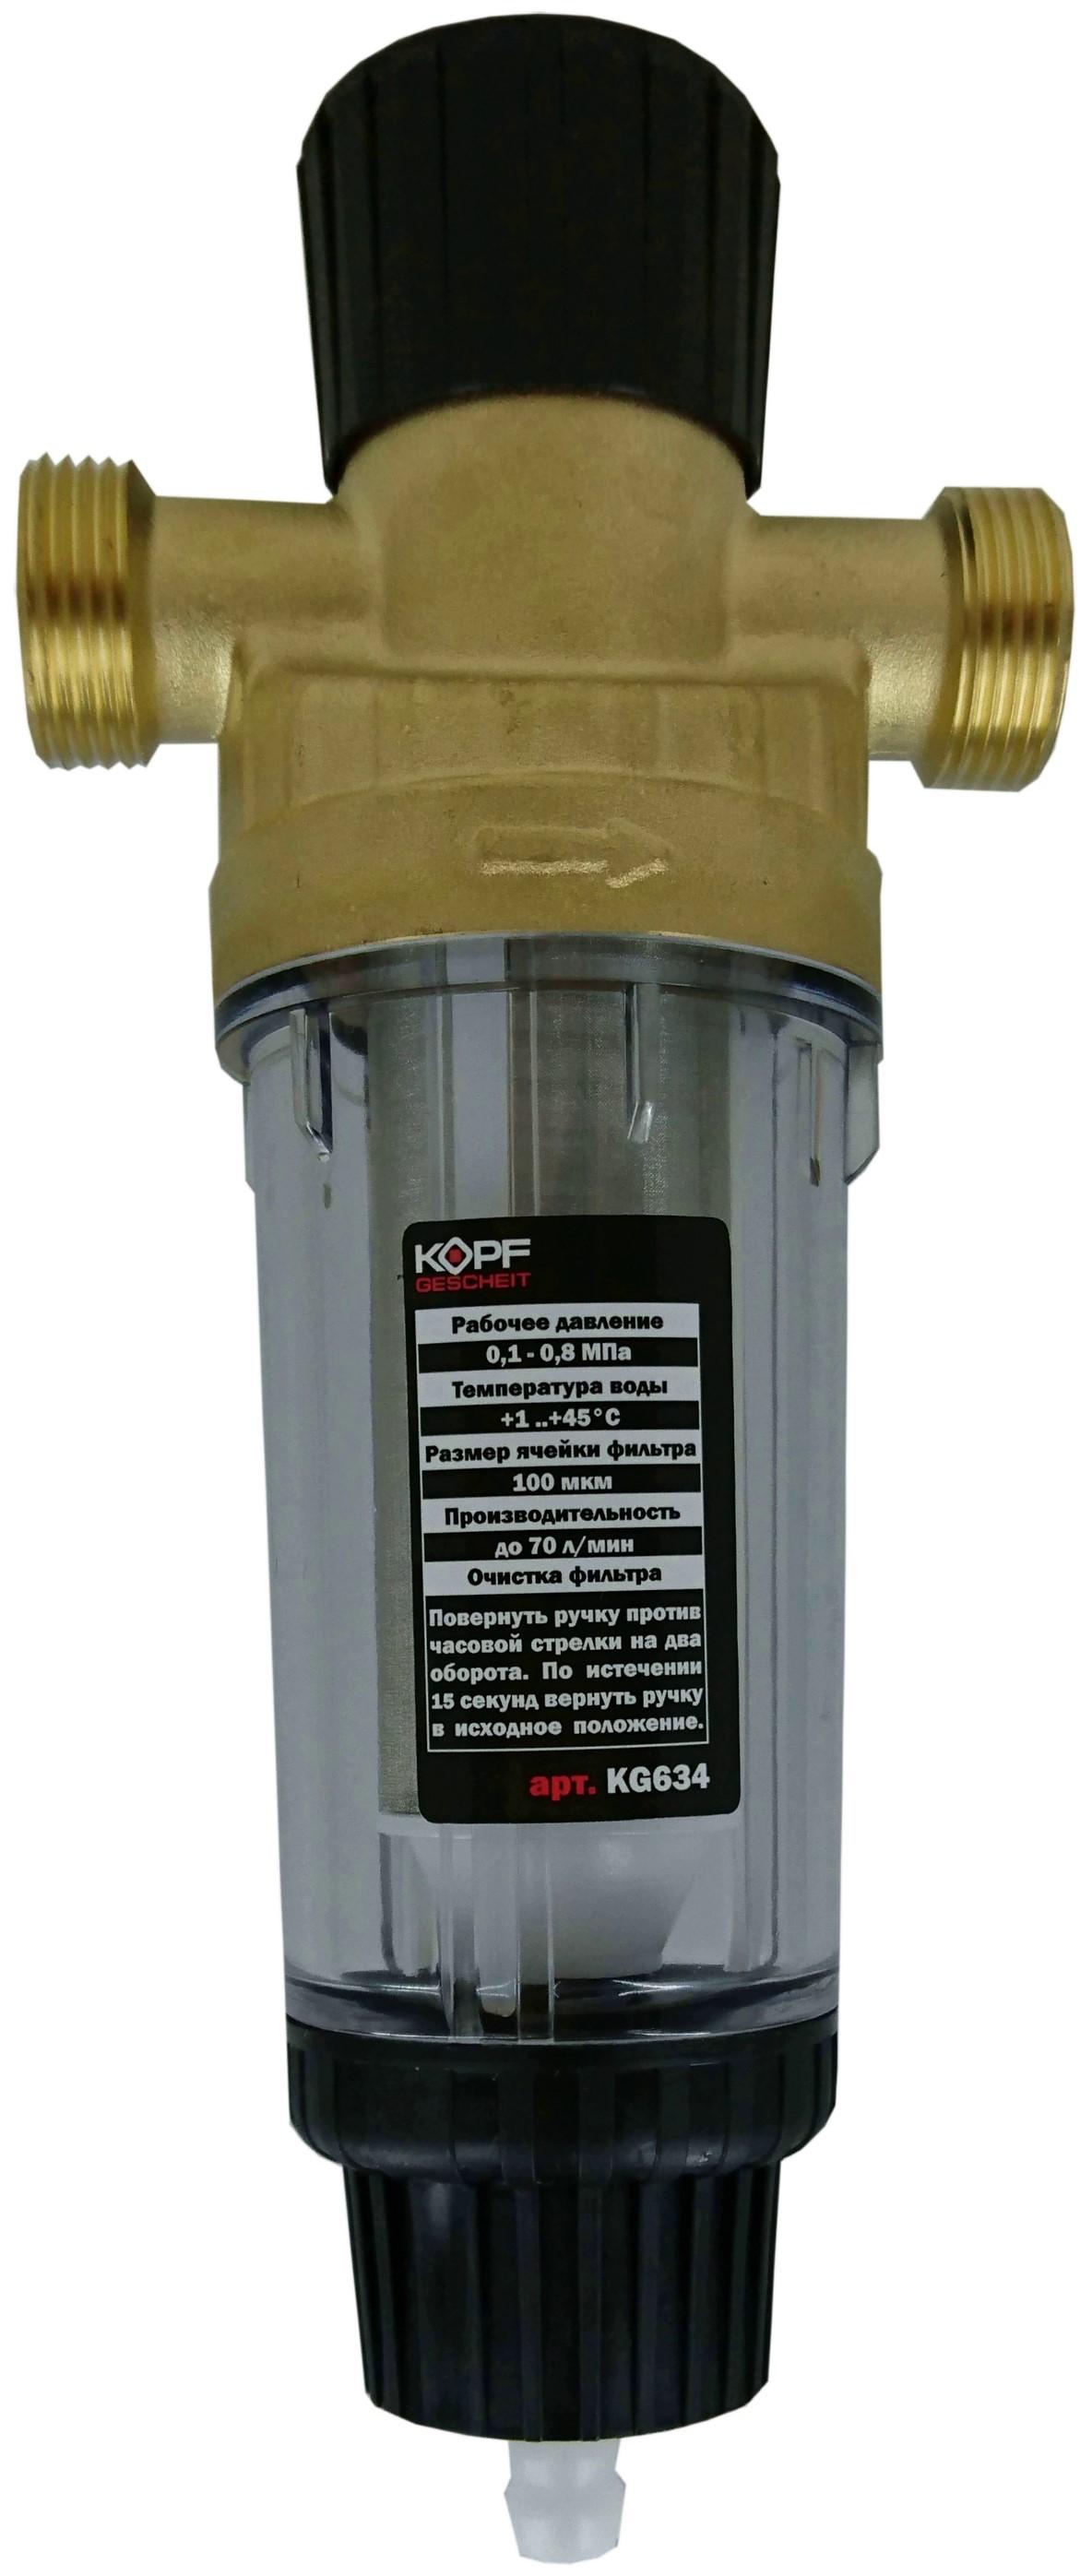 Фильтр магистральный механической очистки 100 мкм Kopfgescheit